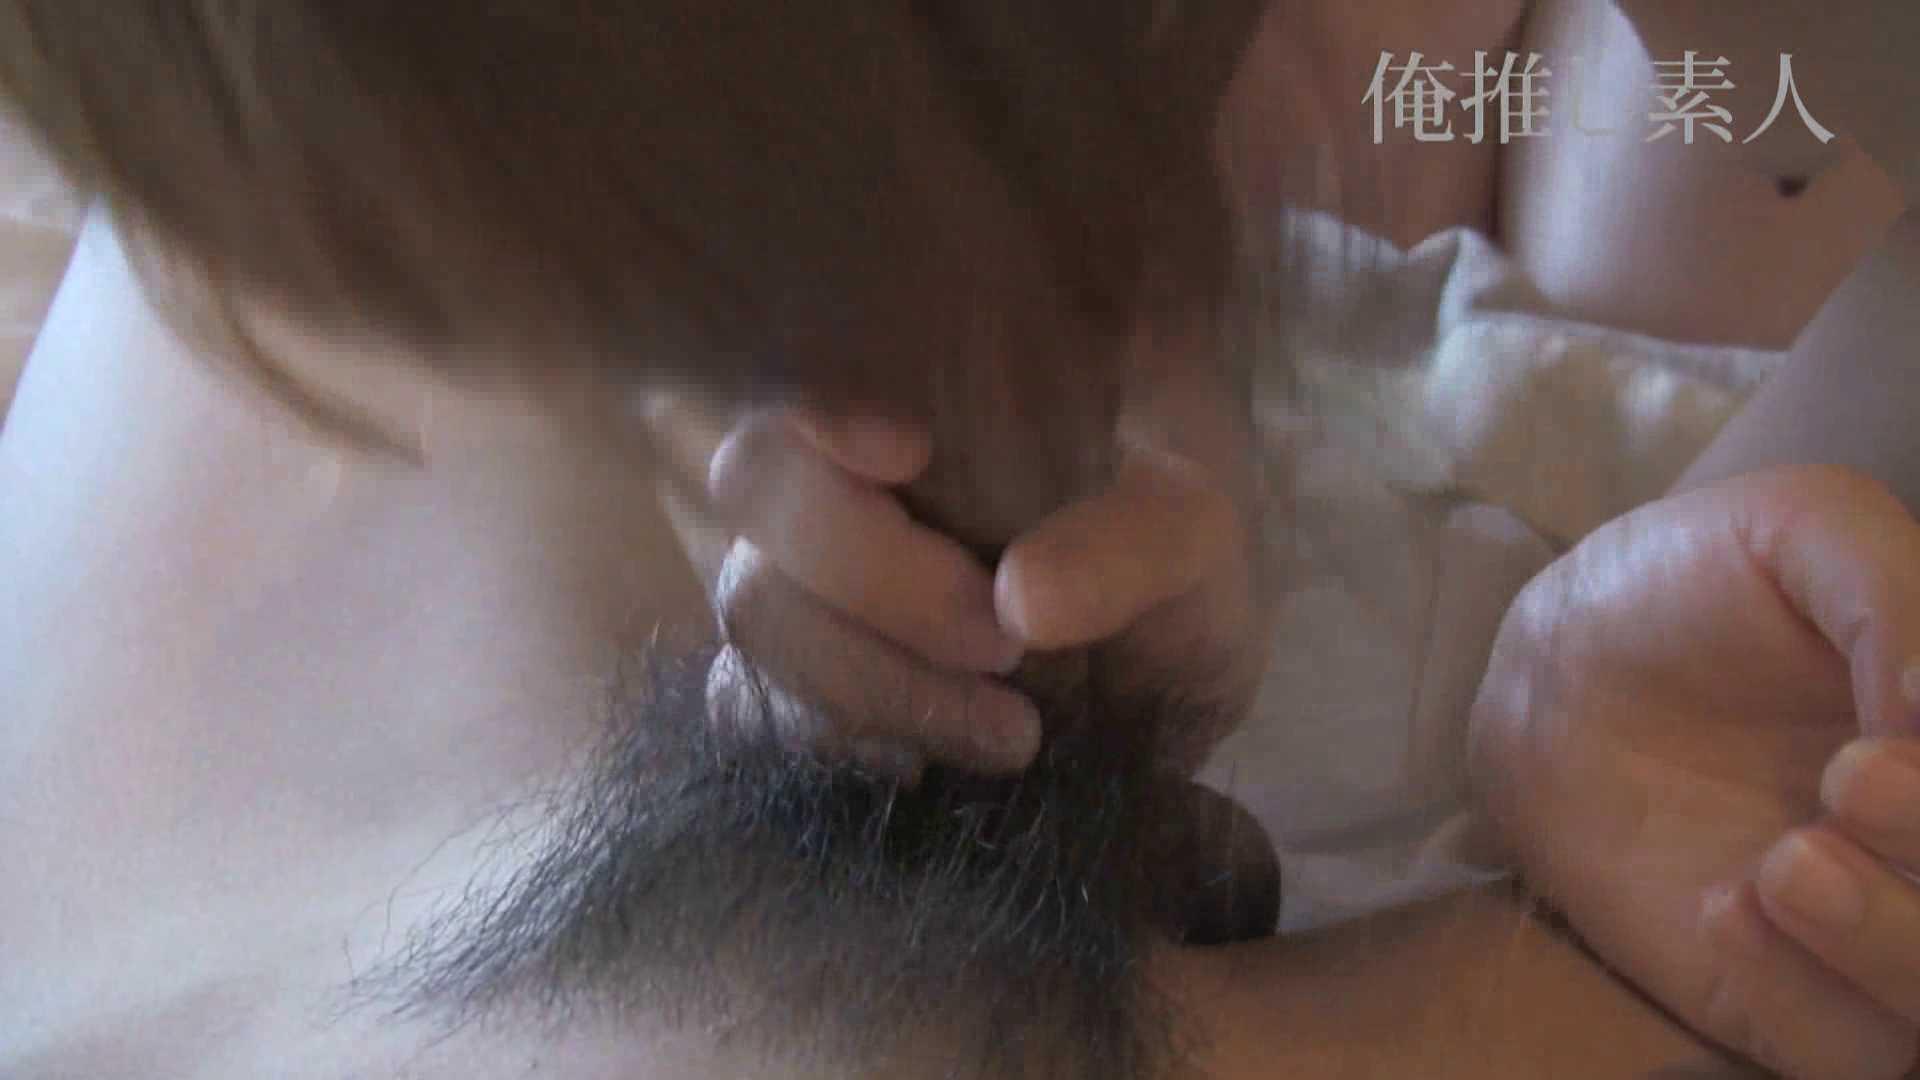 俺推し素人 キャバクラ嬢26歳久美vol5 素人 | フェラ  84pic 80